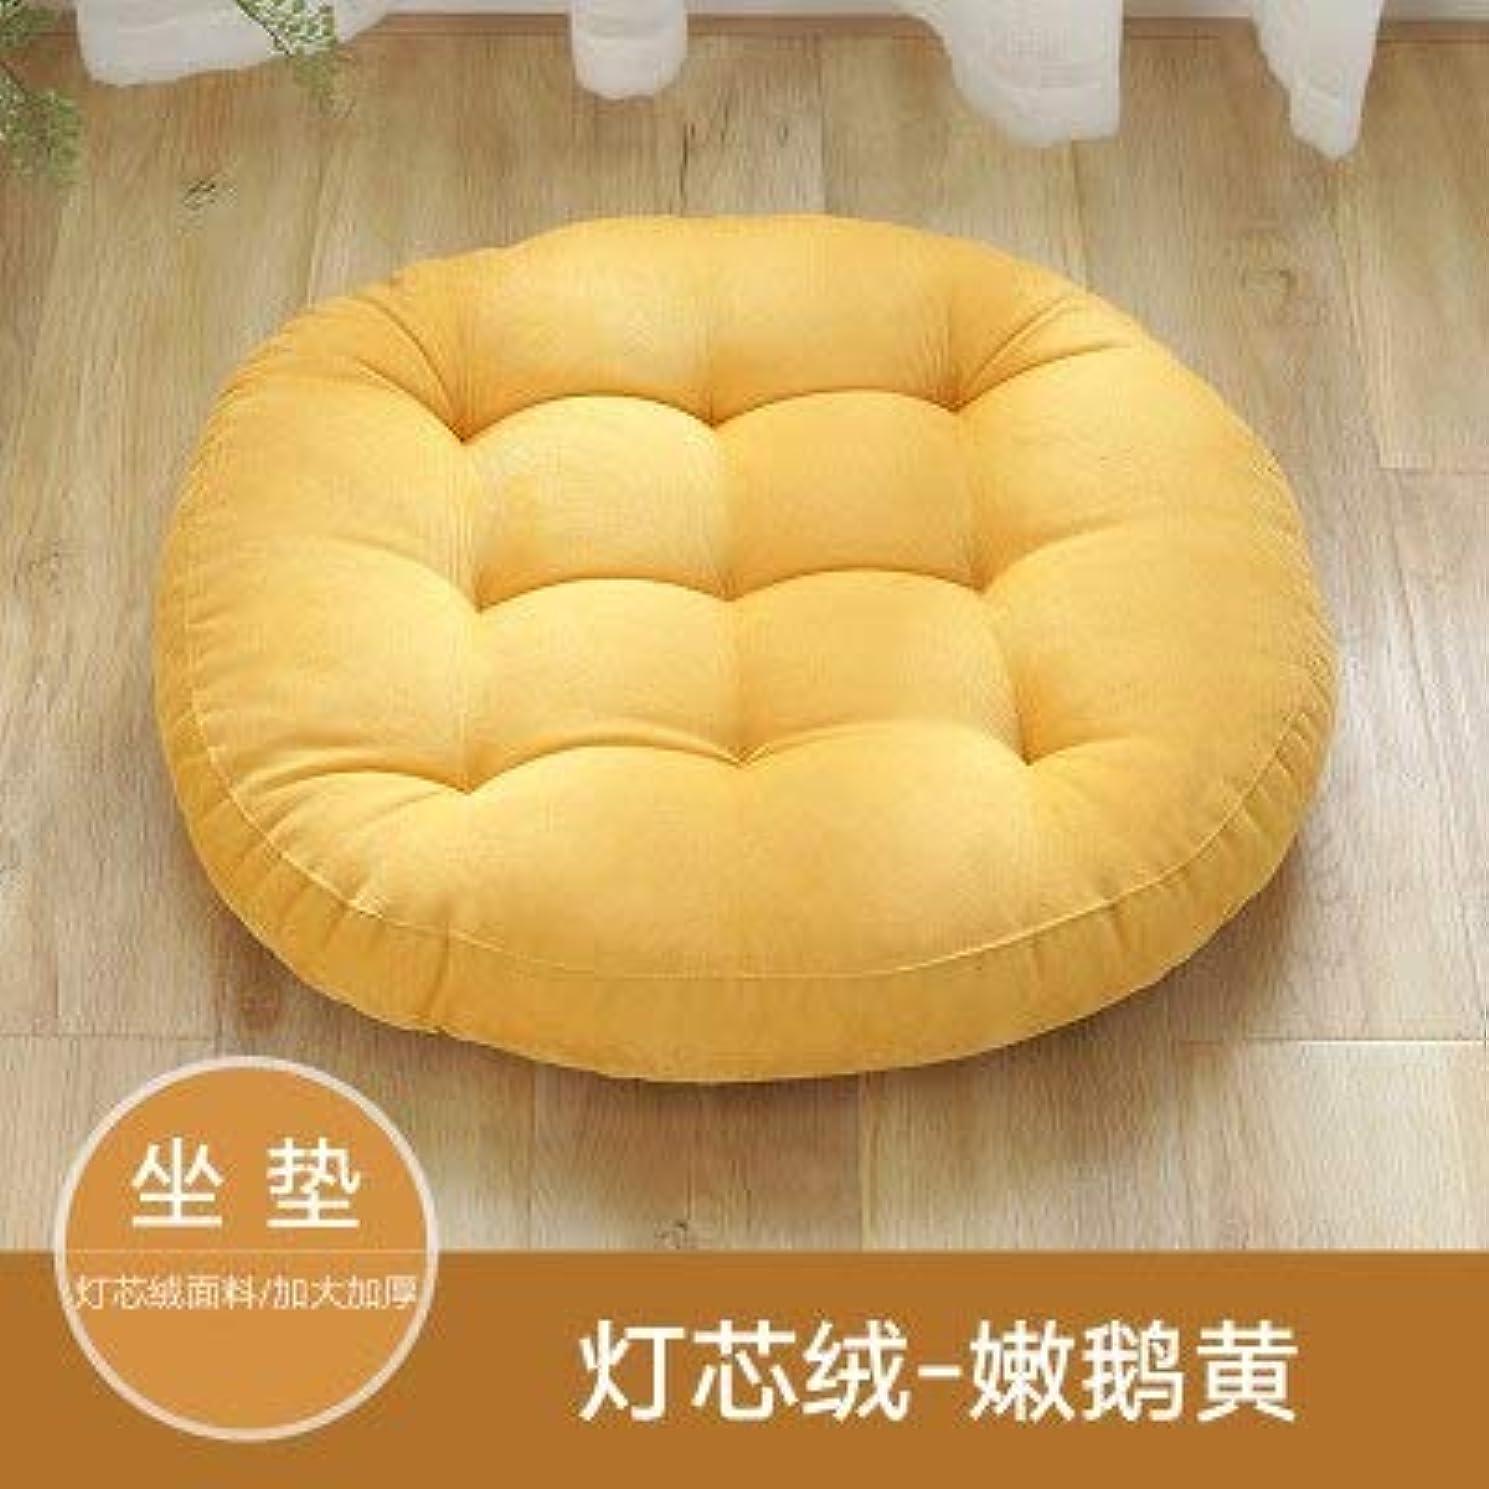 石化する噴出する声を出してLIFE ラウンド厚い椅子のクッションフロアマットレスシートパッドソフトホームオフィスチェアクッションマットソフトスロー枕最高品質の床クッション クッション 椅子